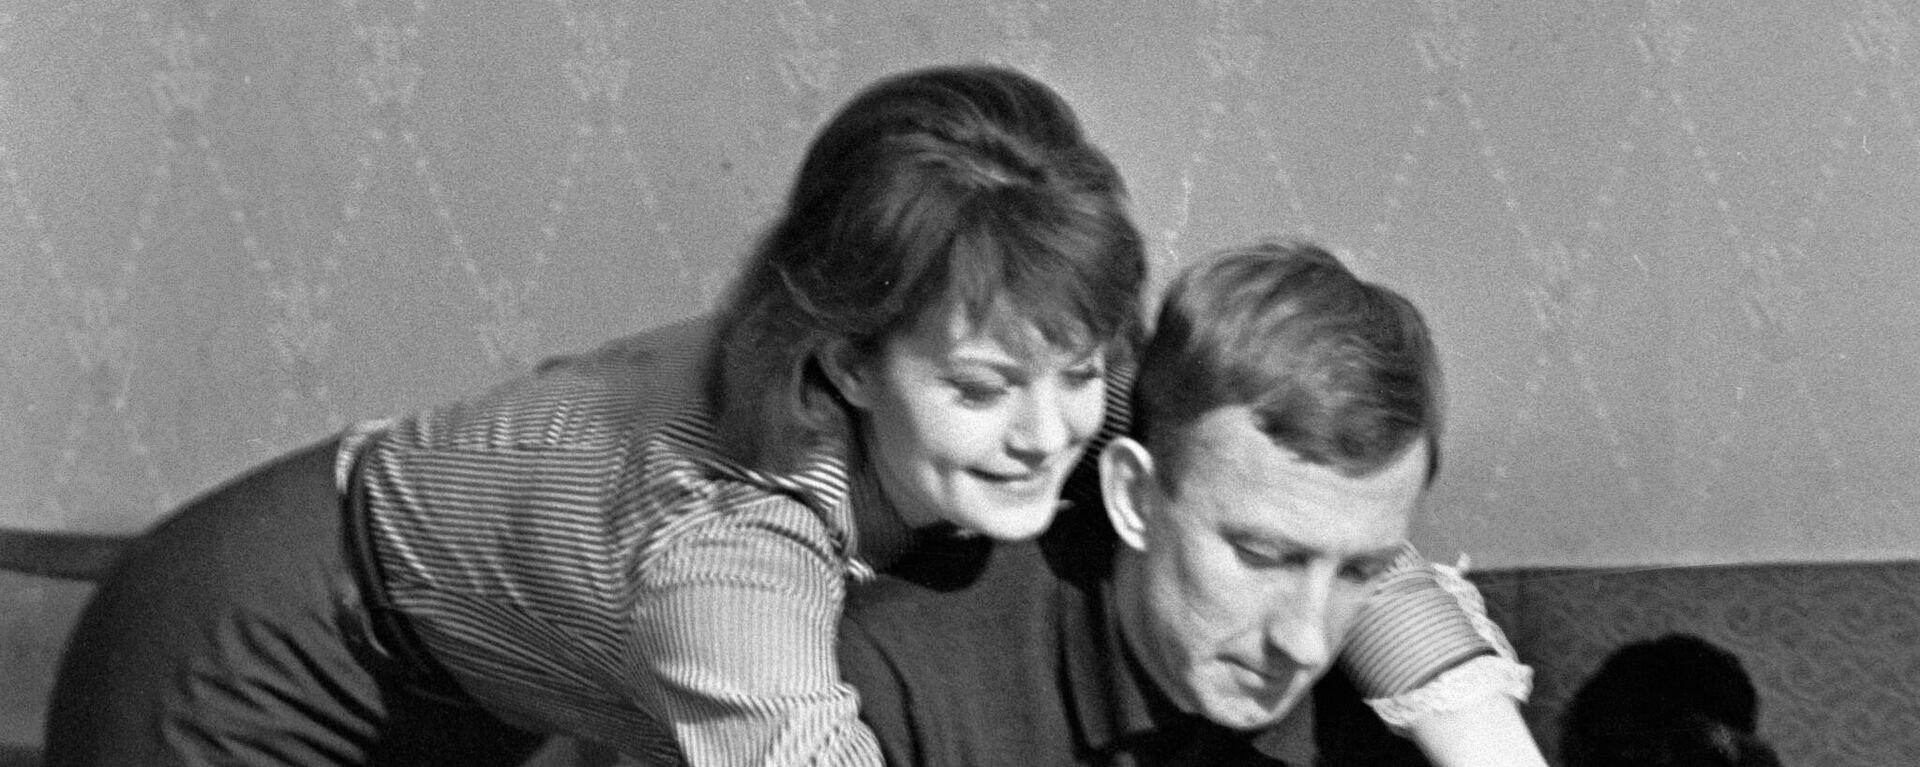 Ο Ιγκόρ Νέτο και η σύζυγος του - Sputnik Ελλάδα, 1920, 31.03.2021